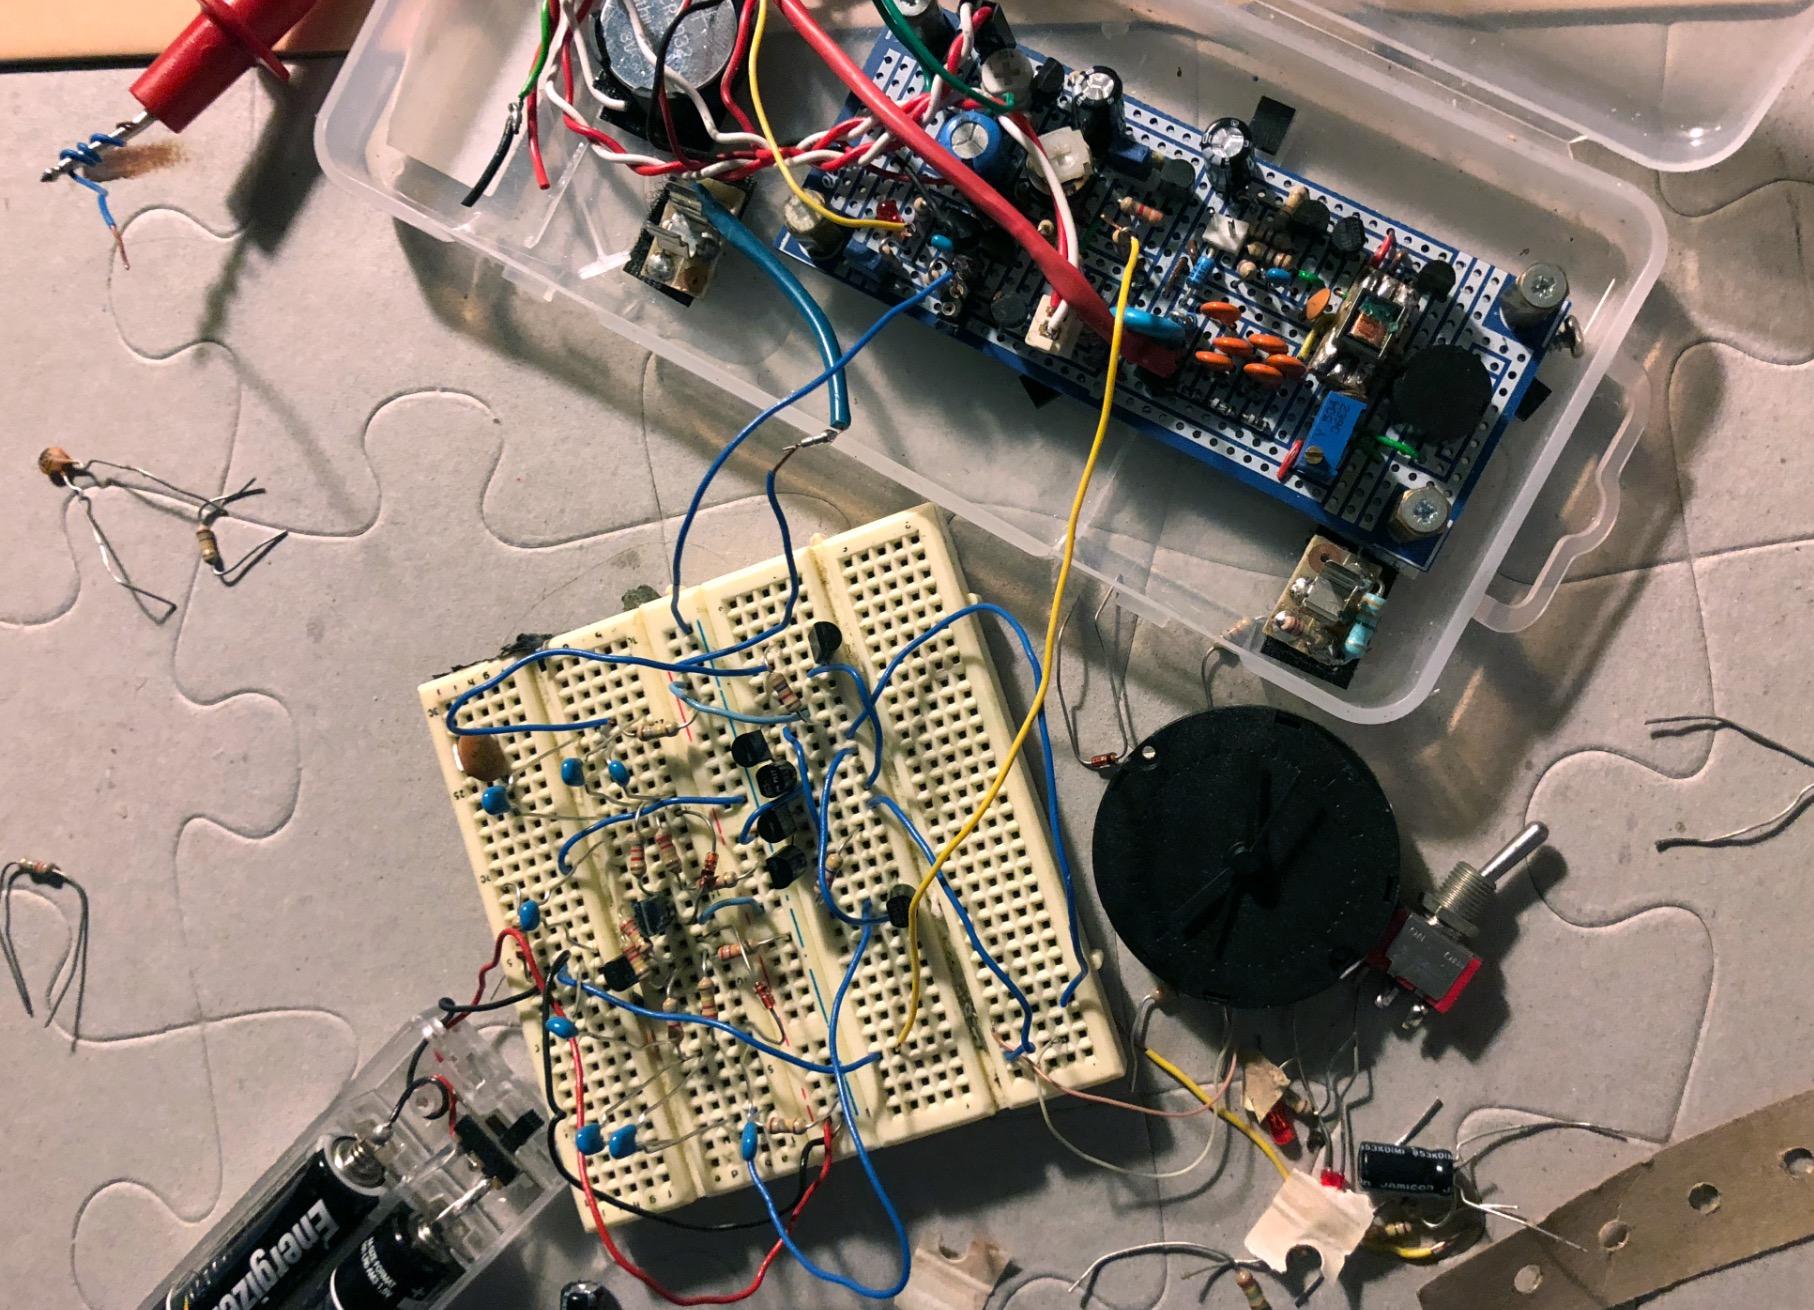 Un projet de compteur geiger à transistors - Page 2 Captu520